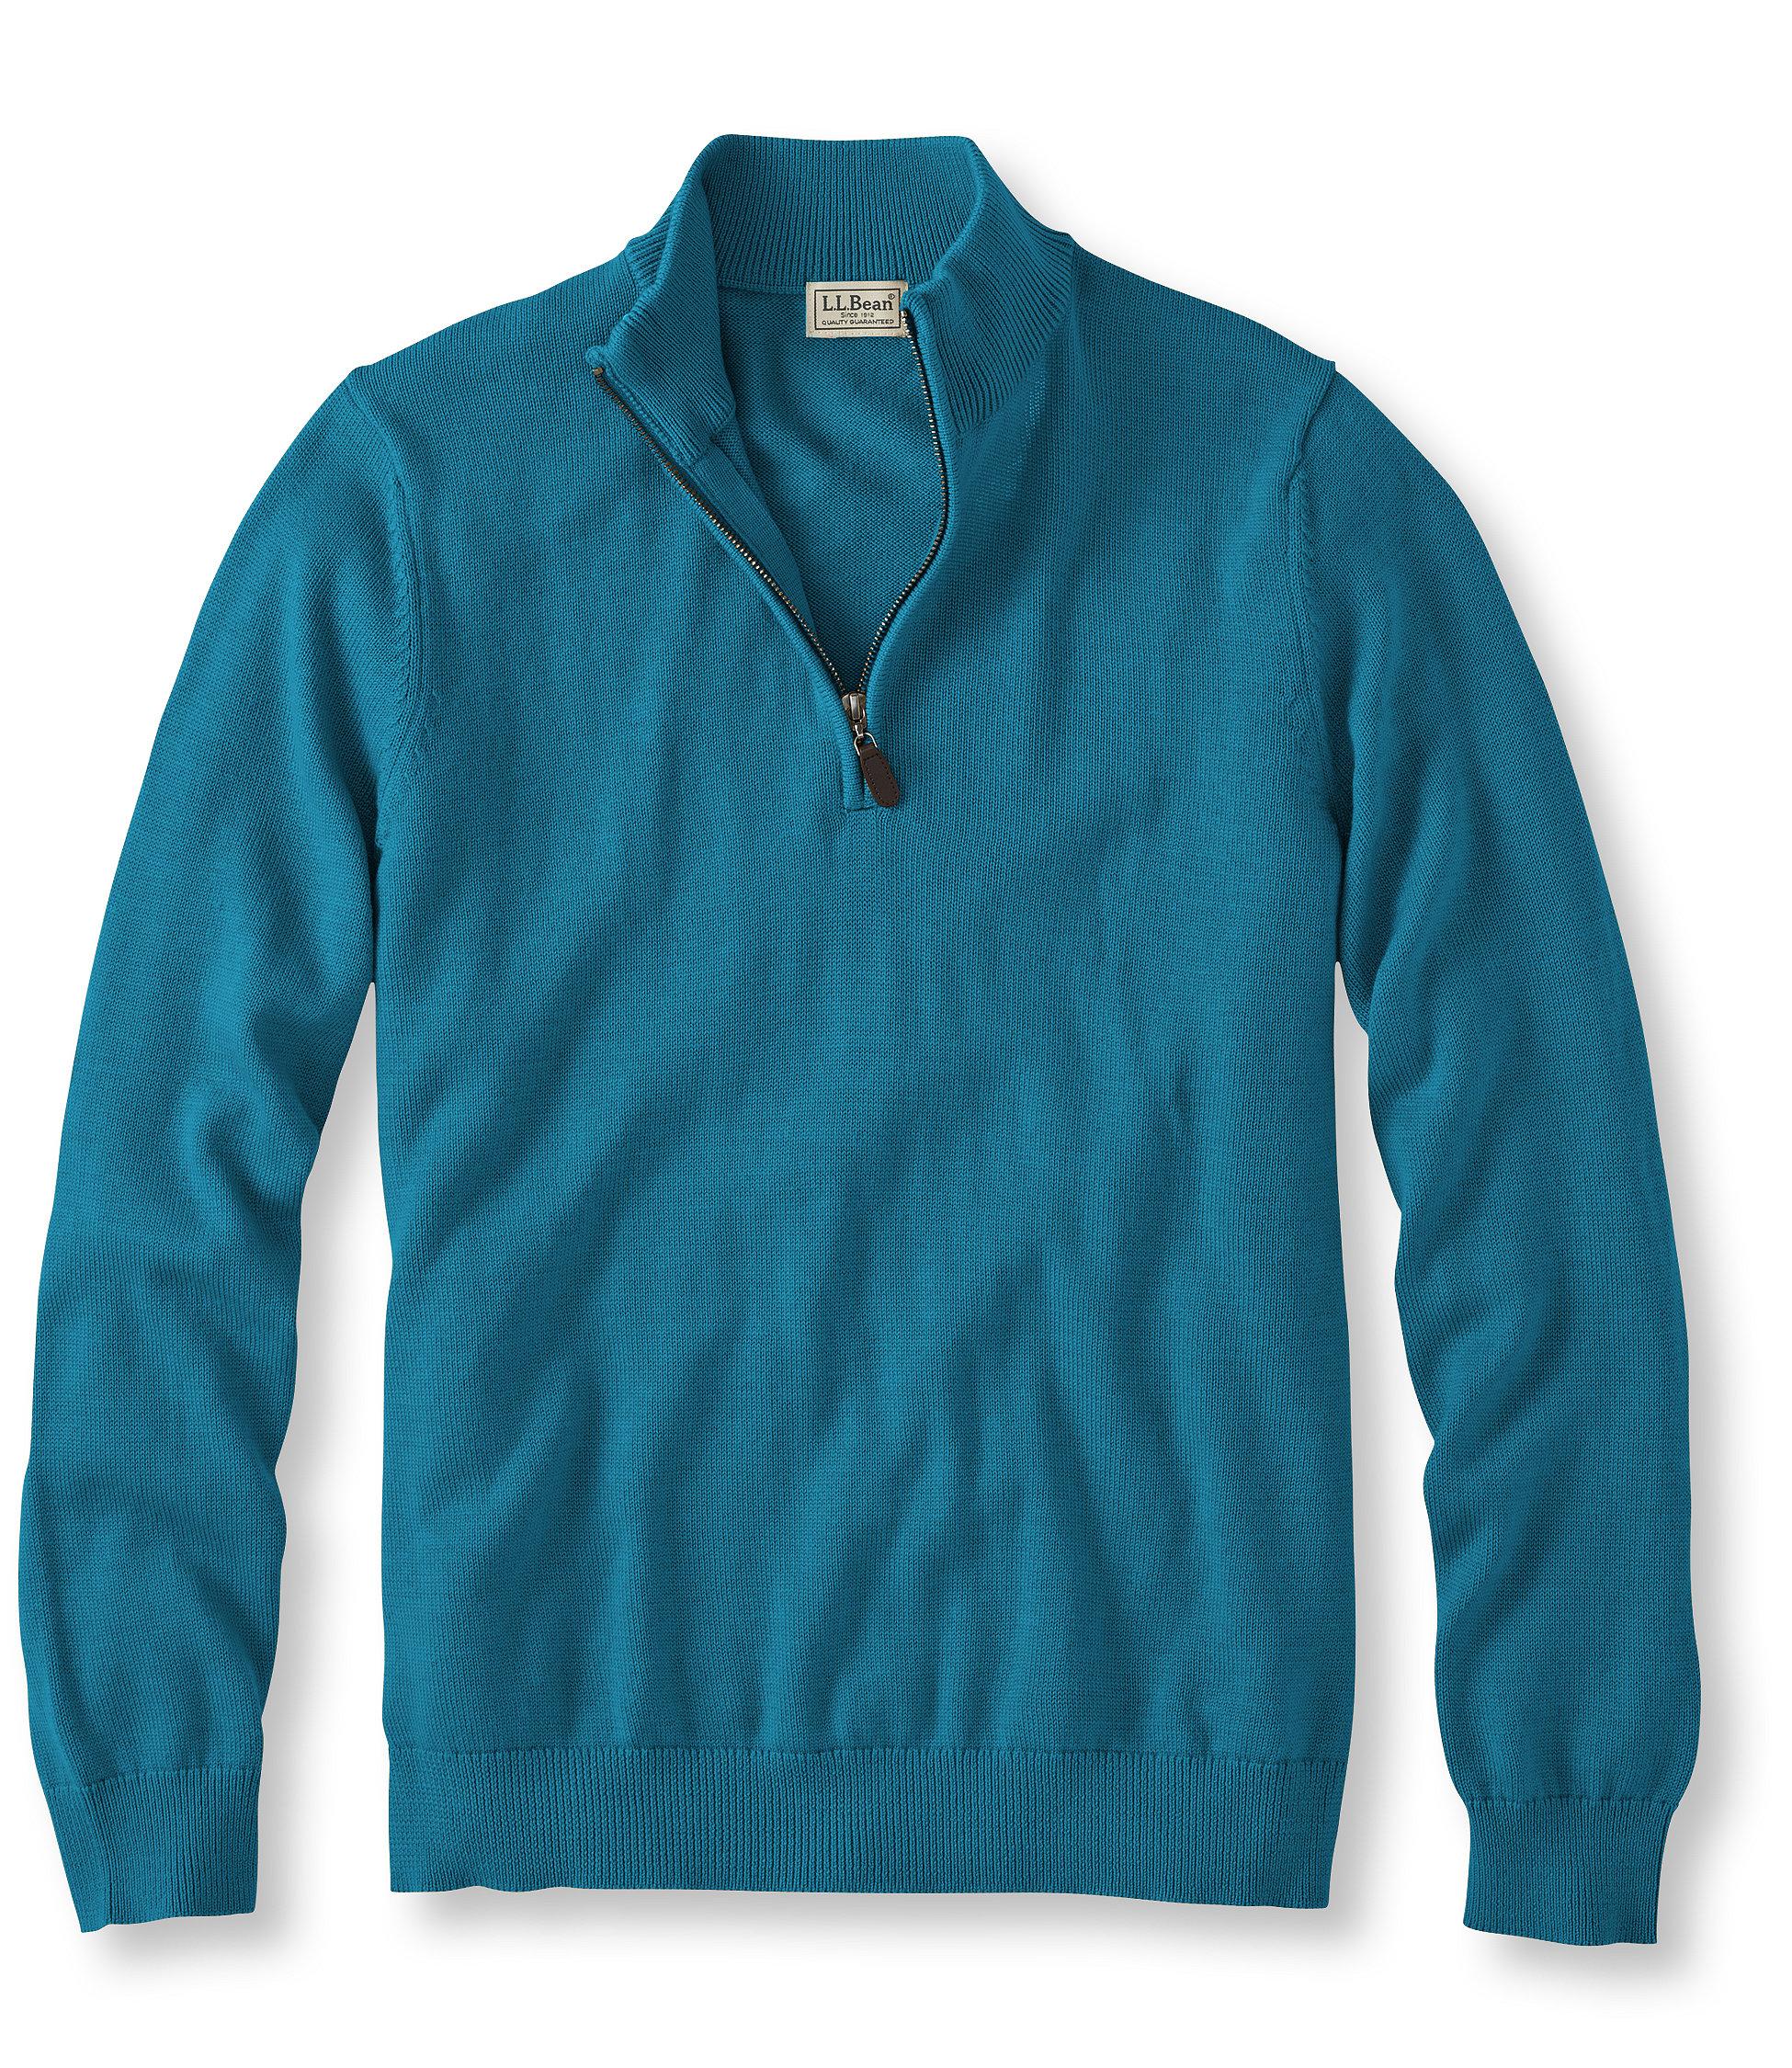 L.L.Bean Washable Merino Sweater